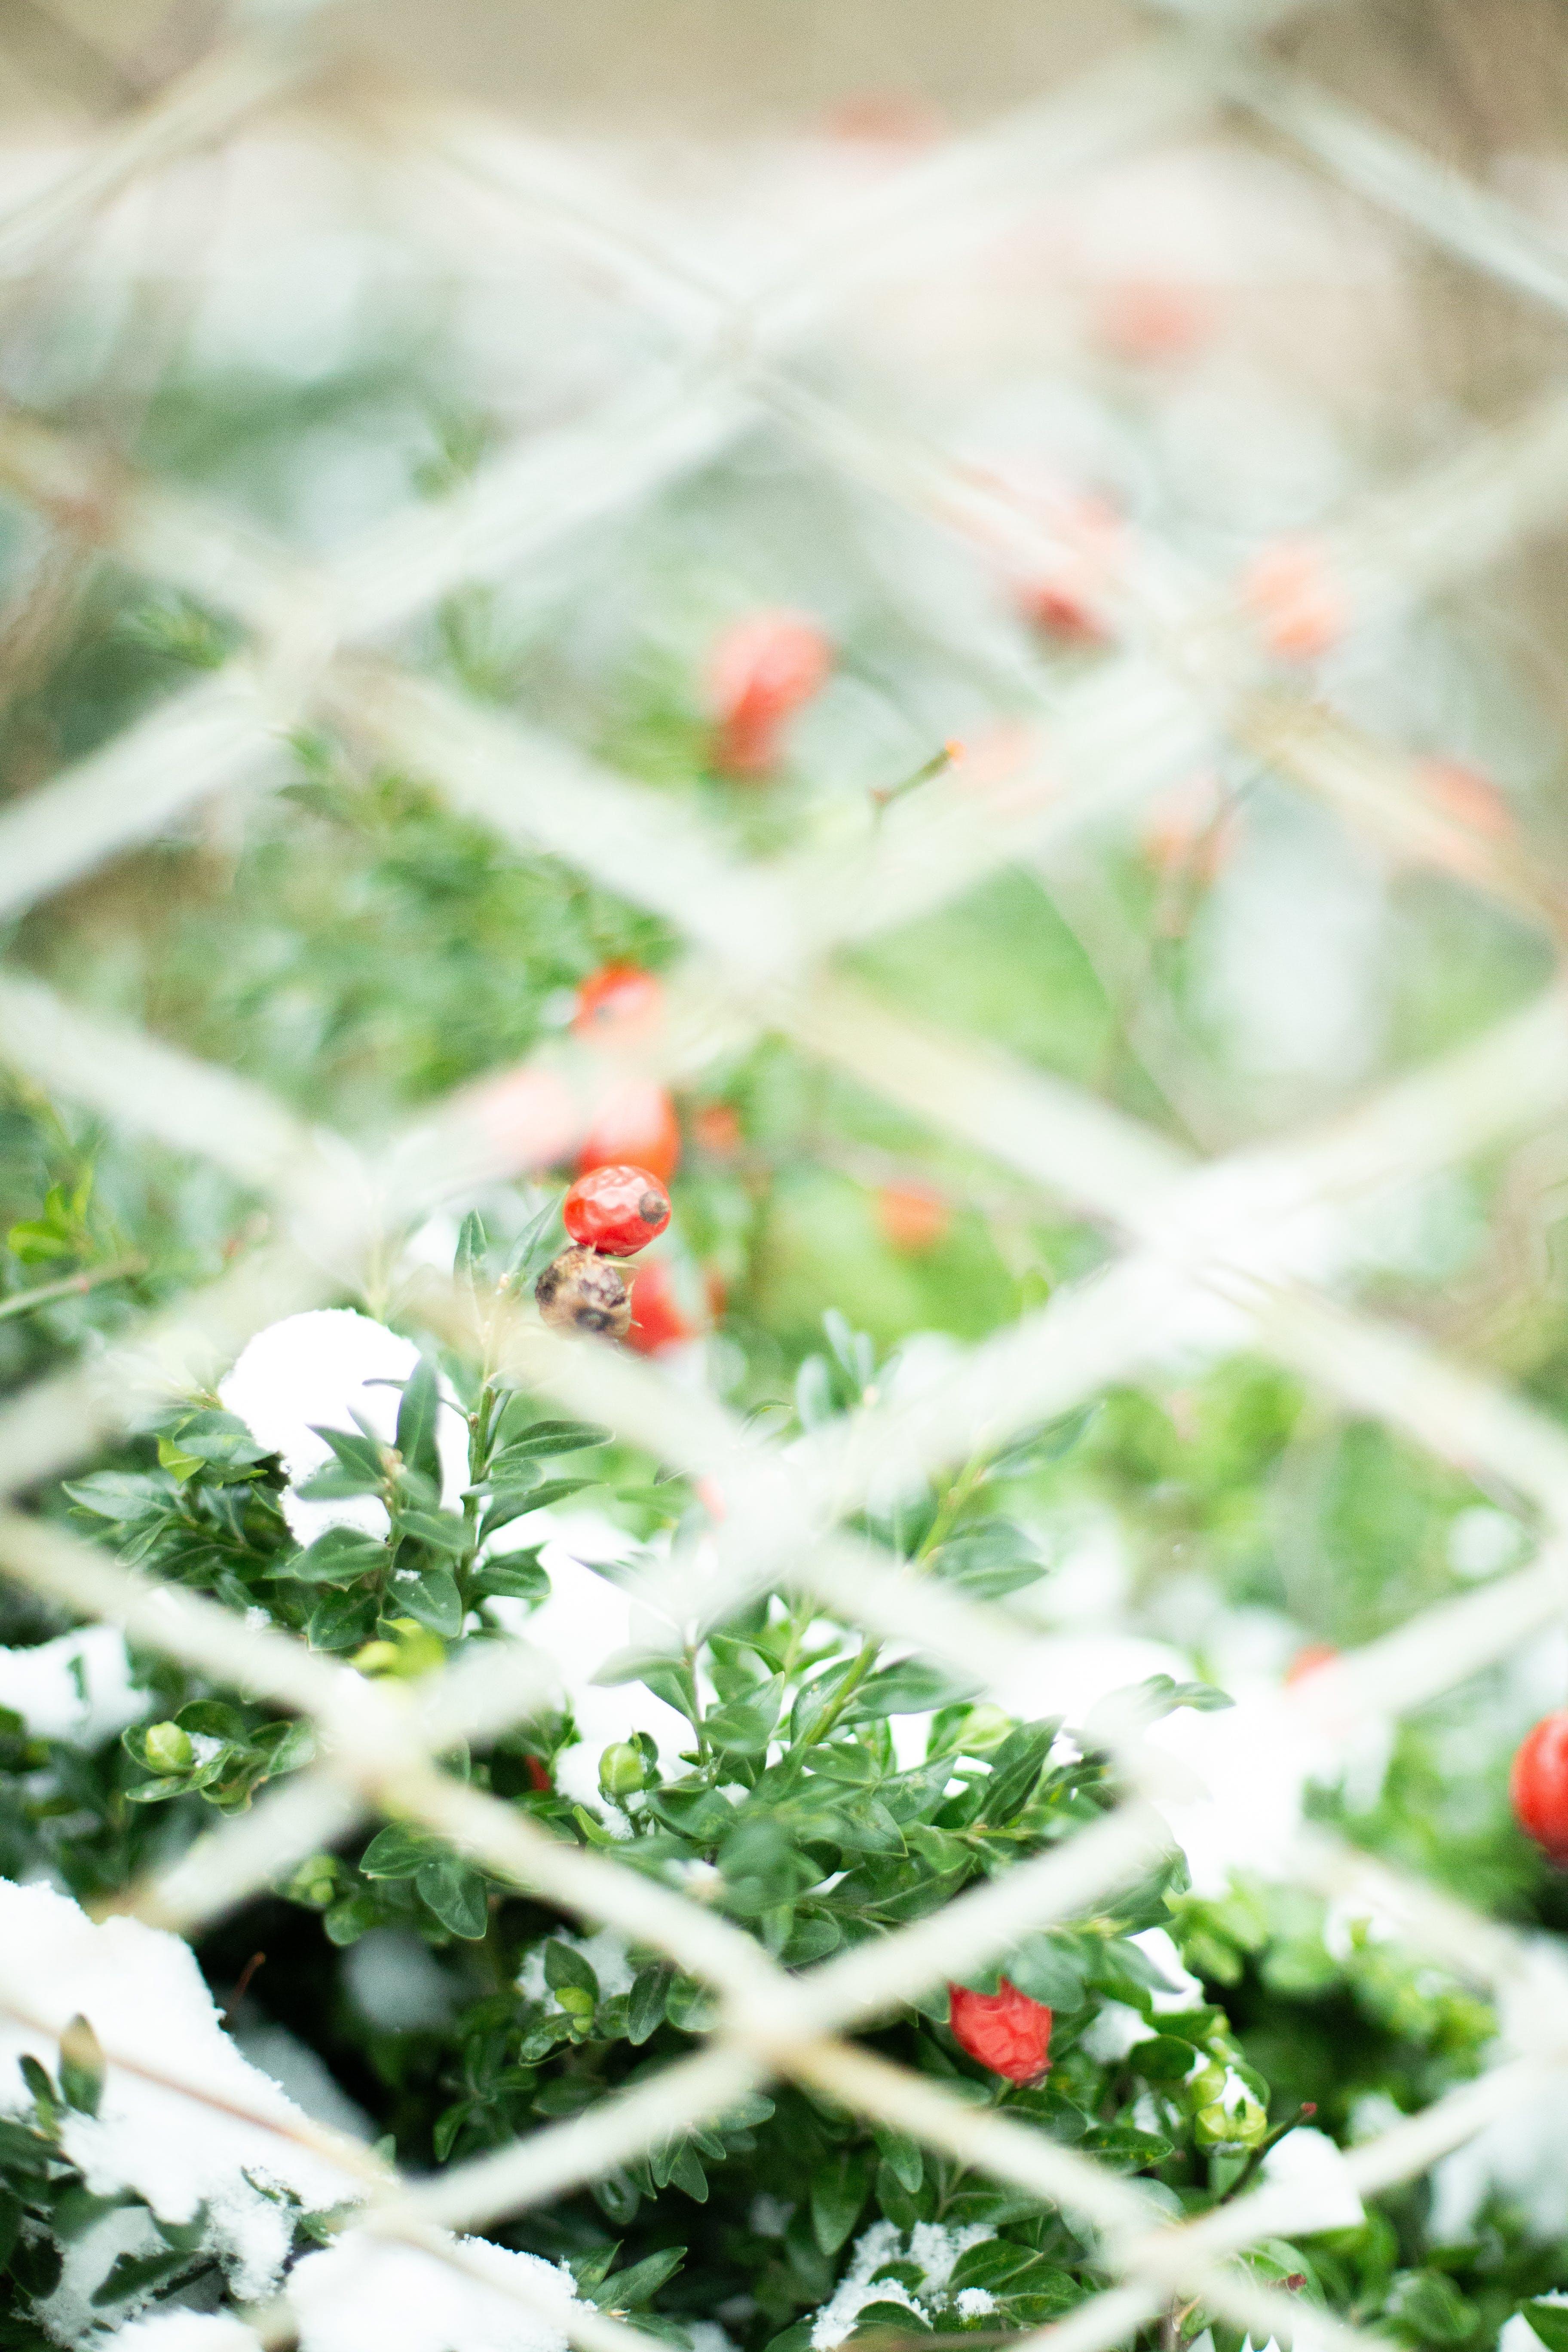 Free stock photo of background, bush, nature